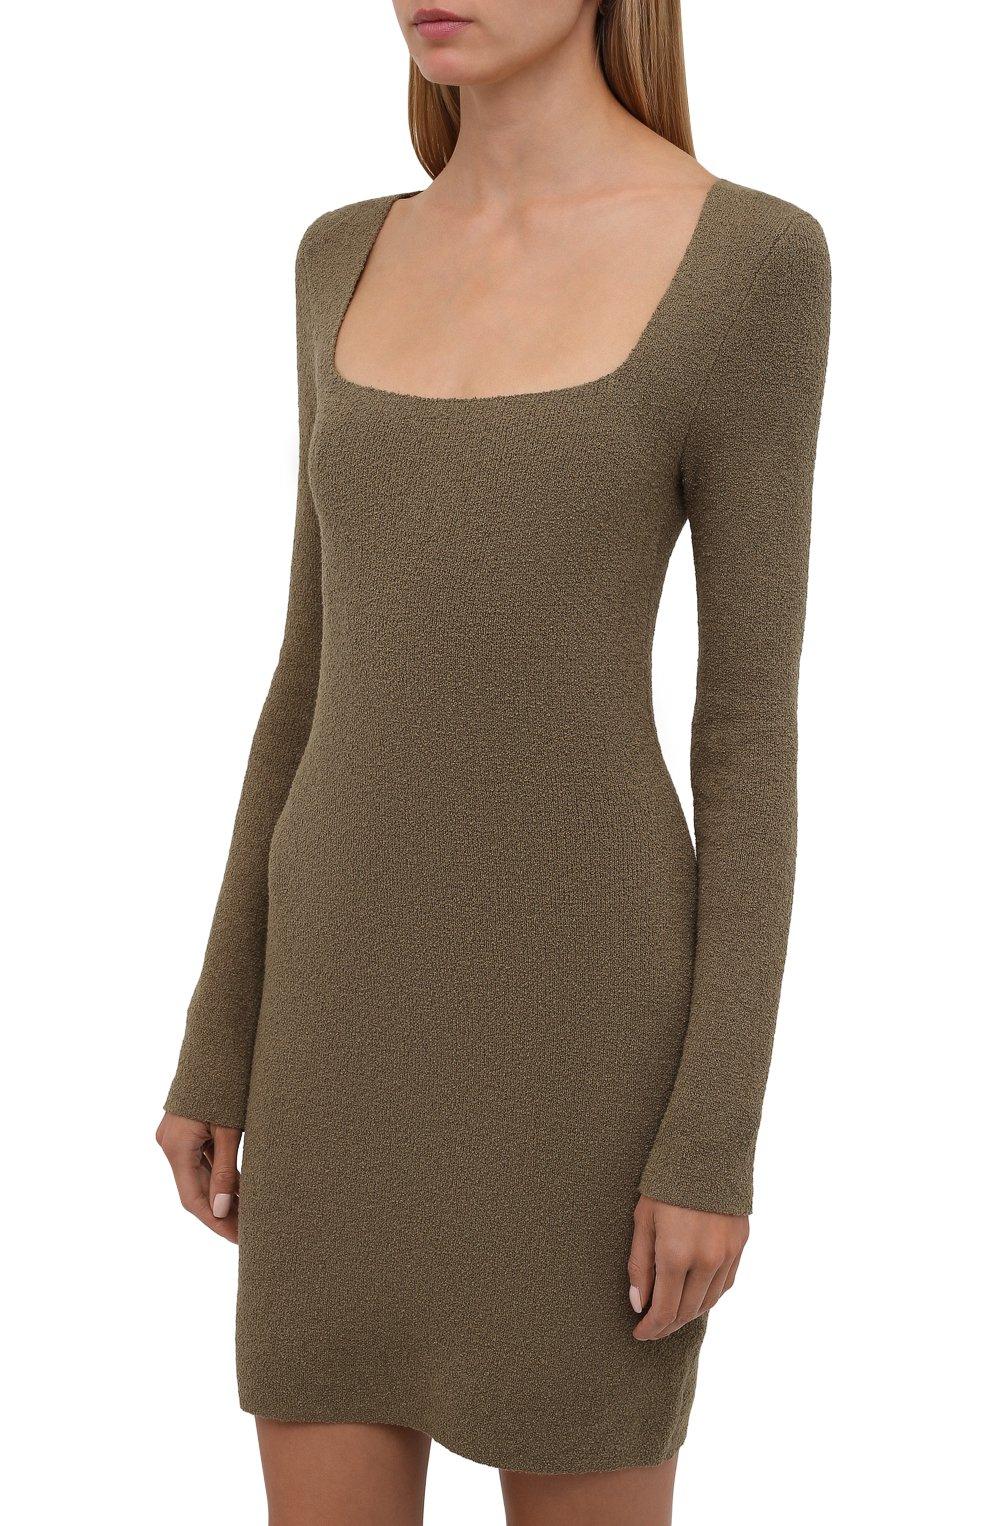 Женское хлопковое платье NANUSHKA хаки цвета, арт. NW21PFDR00762   Фото 3 (Рукава: Длинные; Стили: Гламурный; Длина Ж (юбки, платья, шорты): Мини; Случай: Повседневный; Женское Кросс-КТ: платье-футляр, Платье-одежда; Кросс-КТ: Трикотаж; Материал внешний: Хлопок)